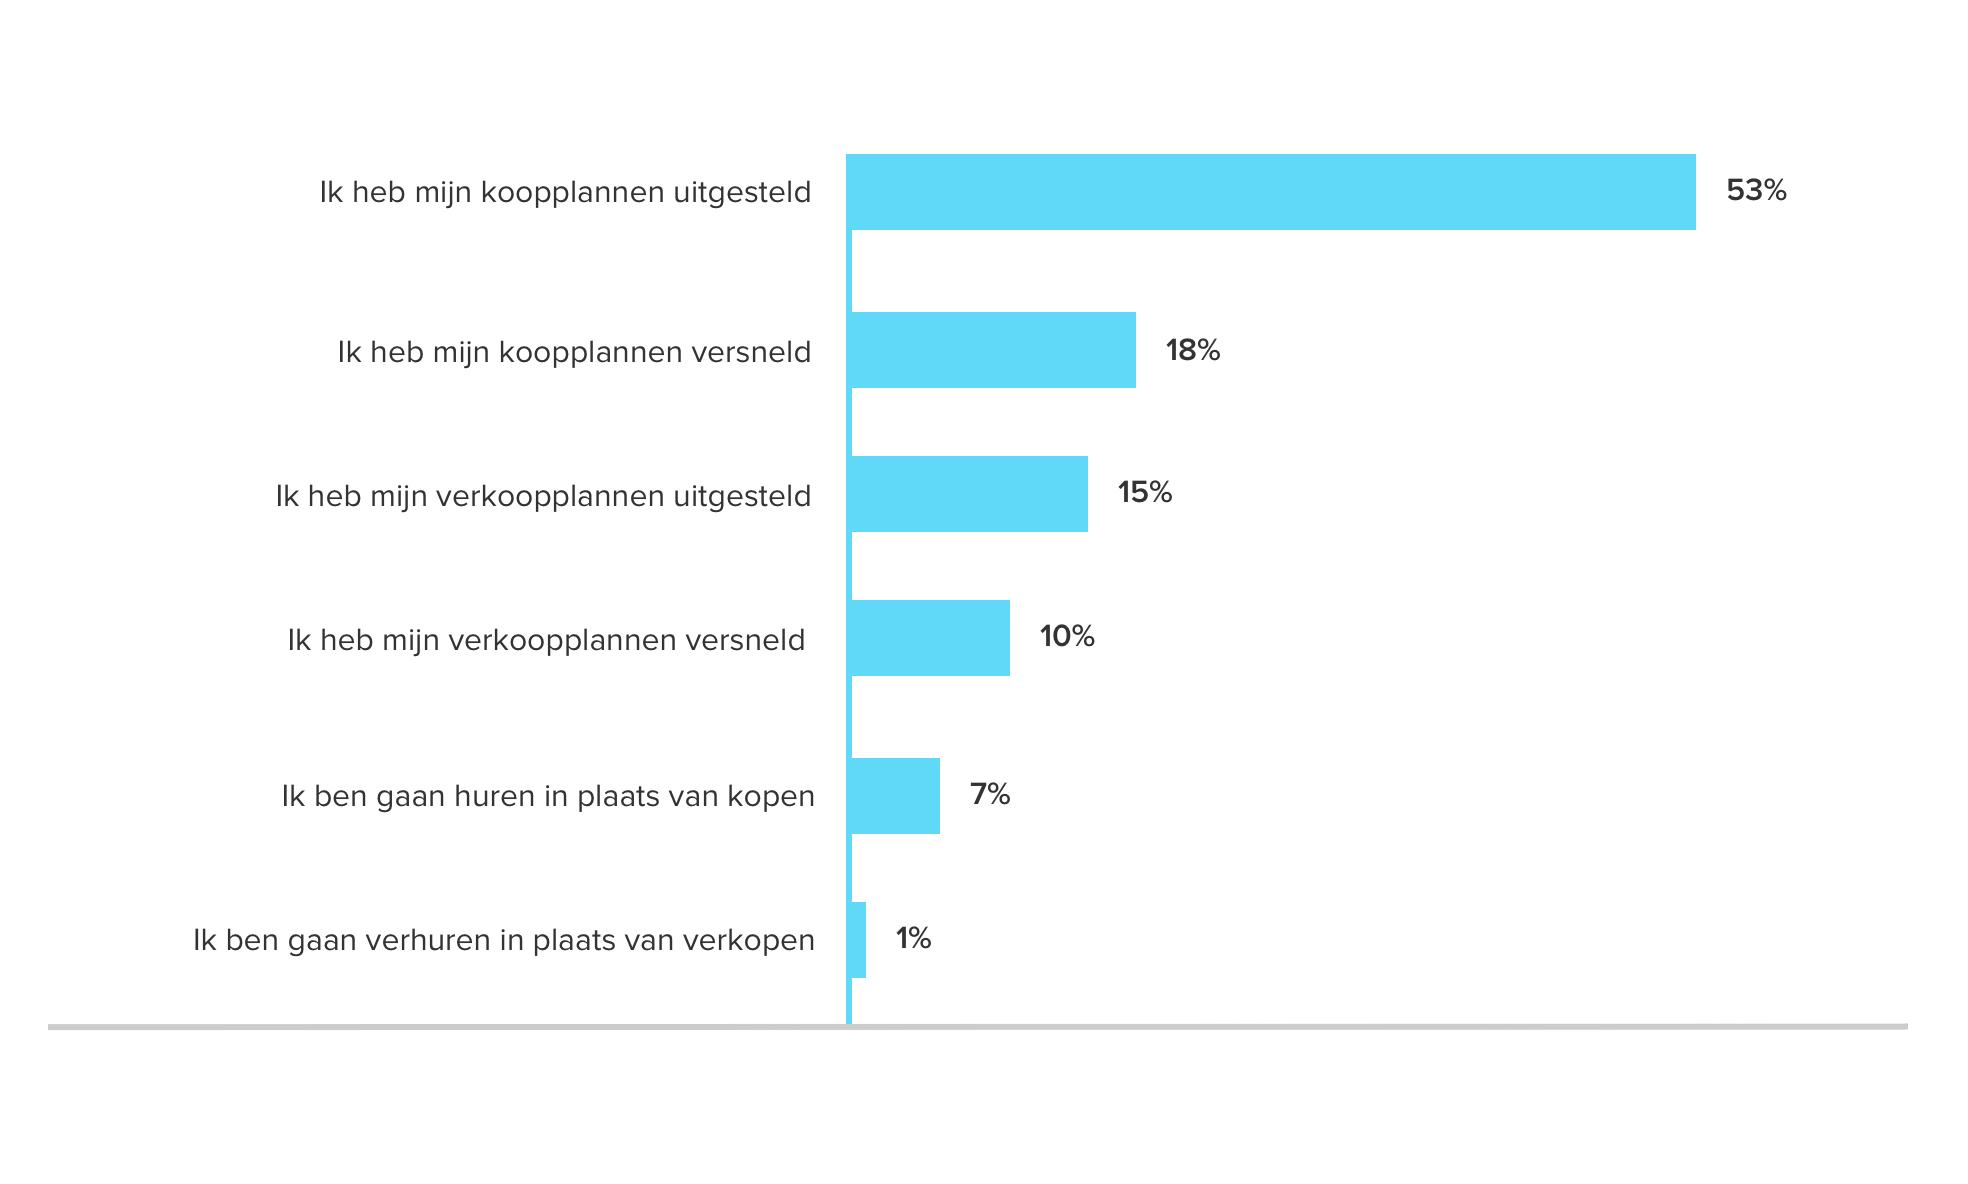 <i>Antwoorden van consumenten op de vraag 'Welke invloed heeft de krappe markt gehad op je koop- en/of verkoopplannen?'</i>